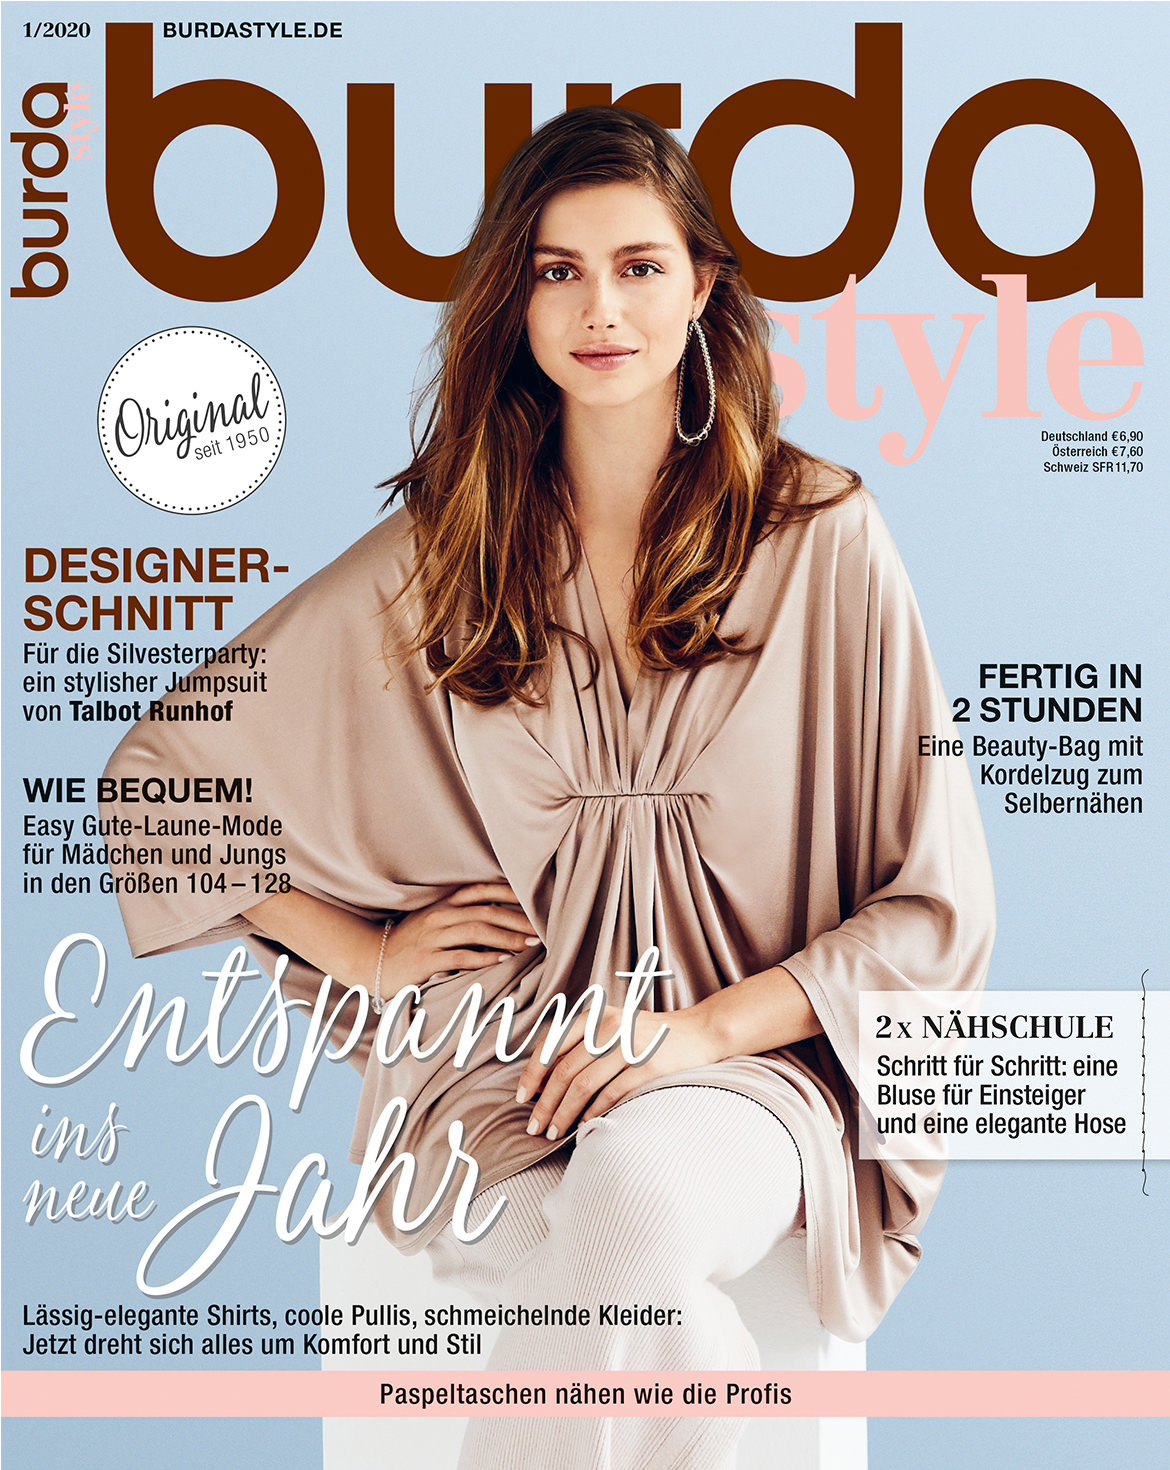 burda style Ausgabe Januar 2020